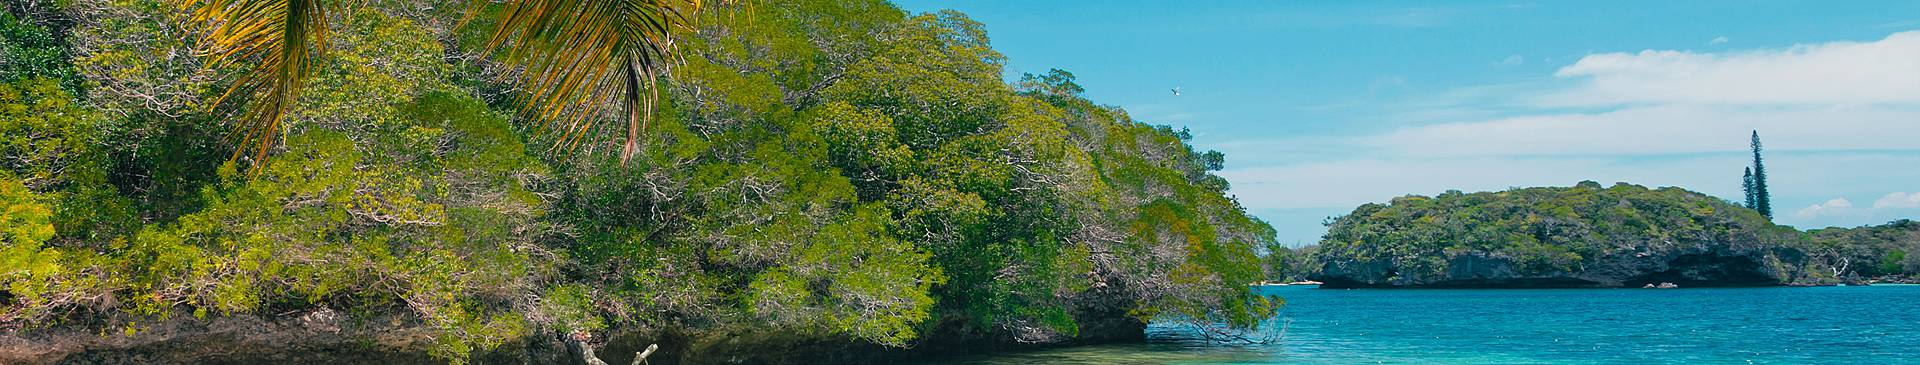 Voyage plage en Nouvelle Calédonie